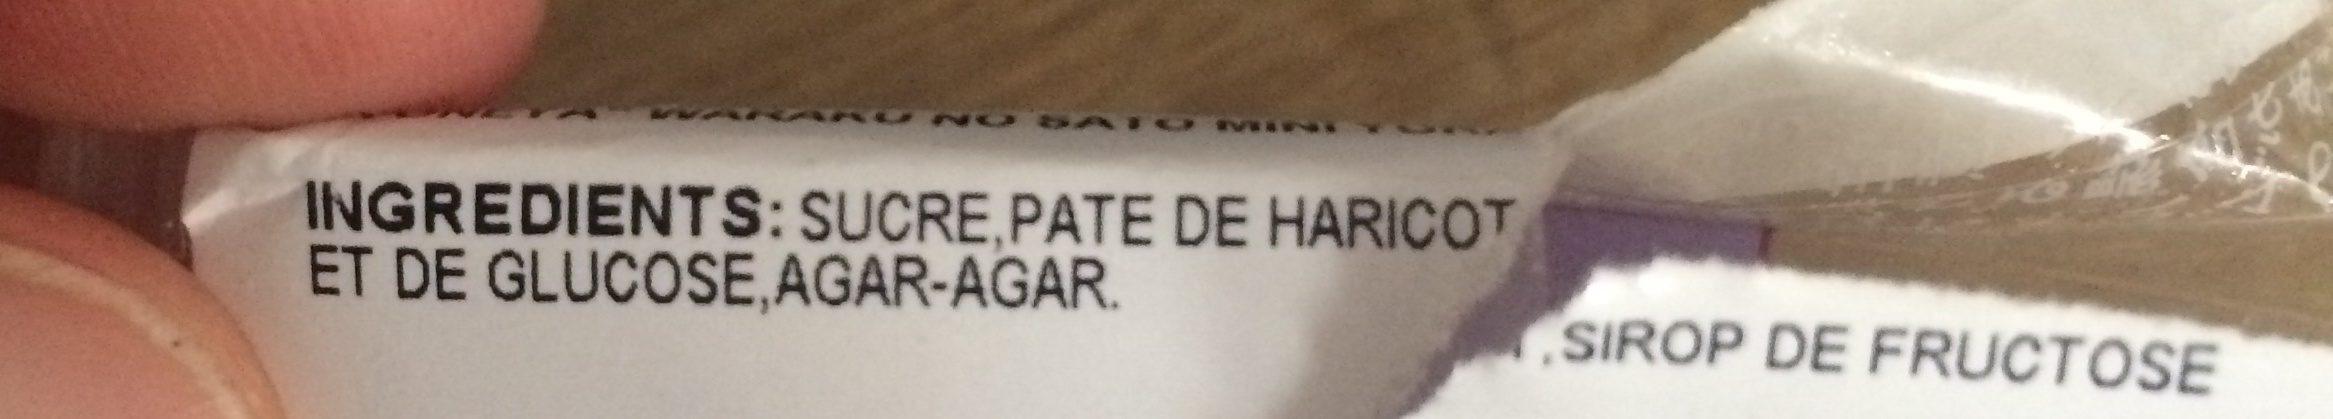 Pate haricot rouge - Ingrédients - fr